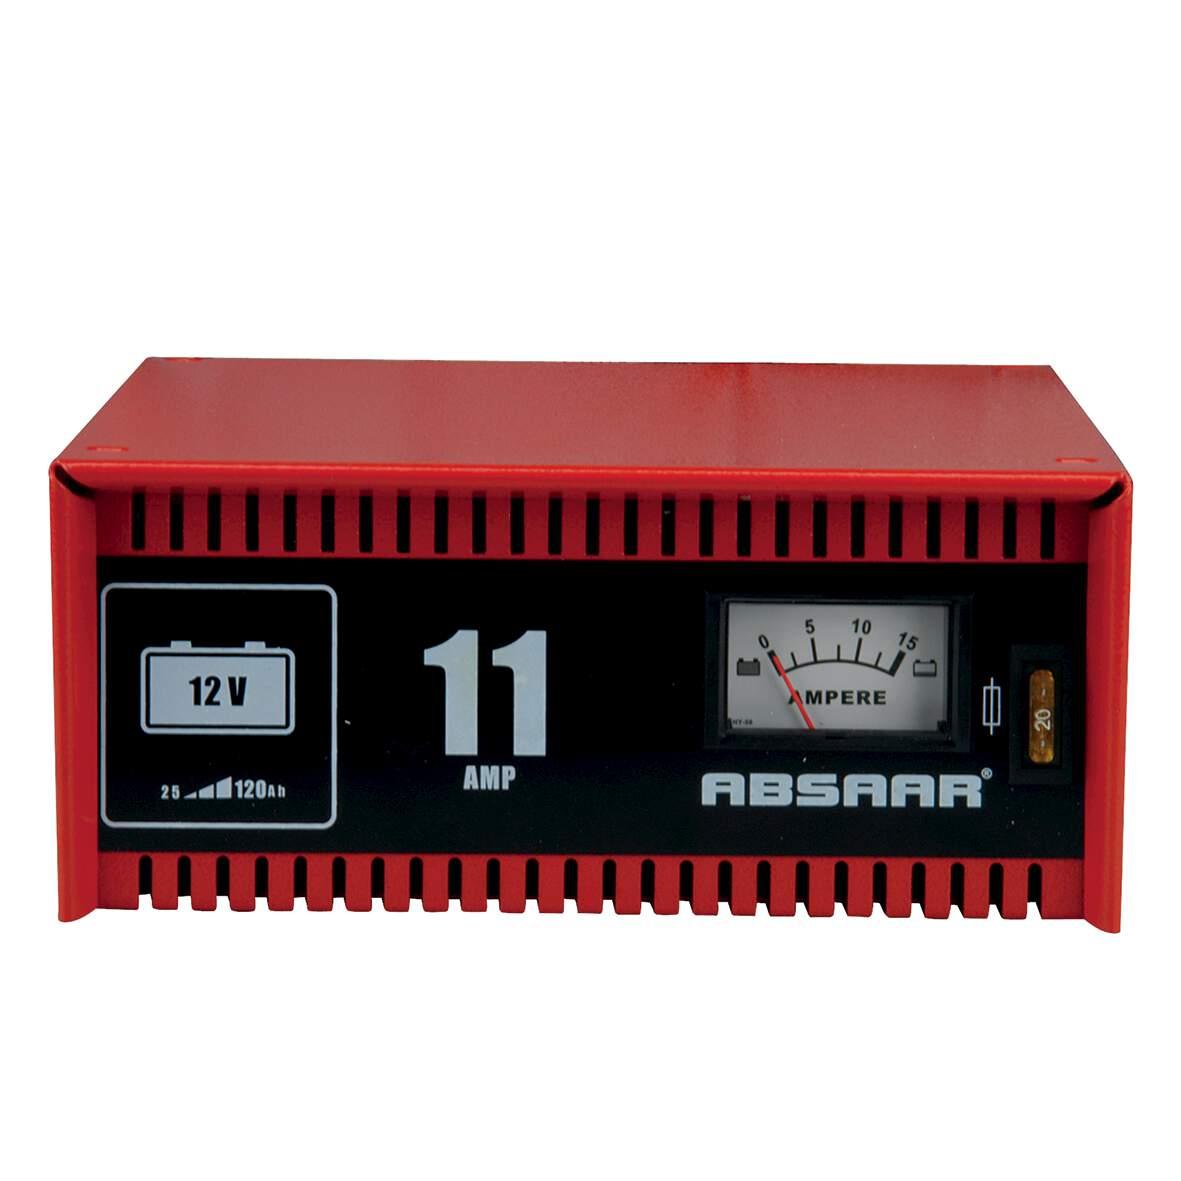 Absaar Batterieladegerät 11 Ampere Abssar (1138891) LET'S